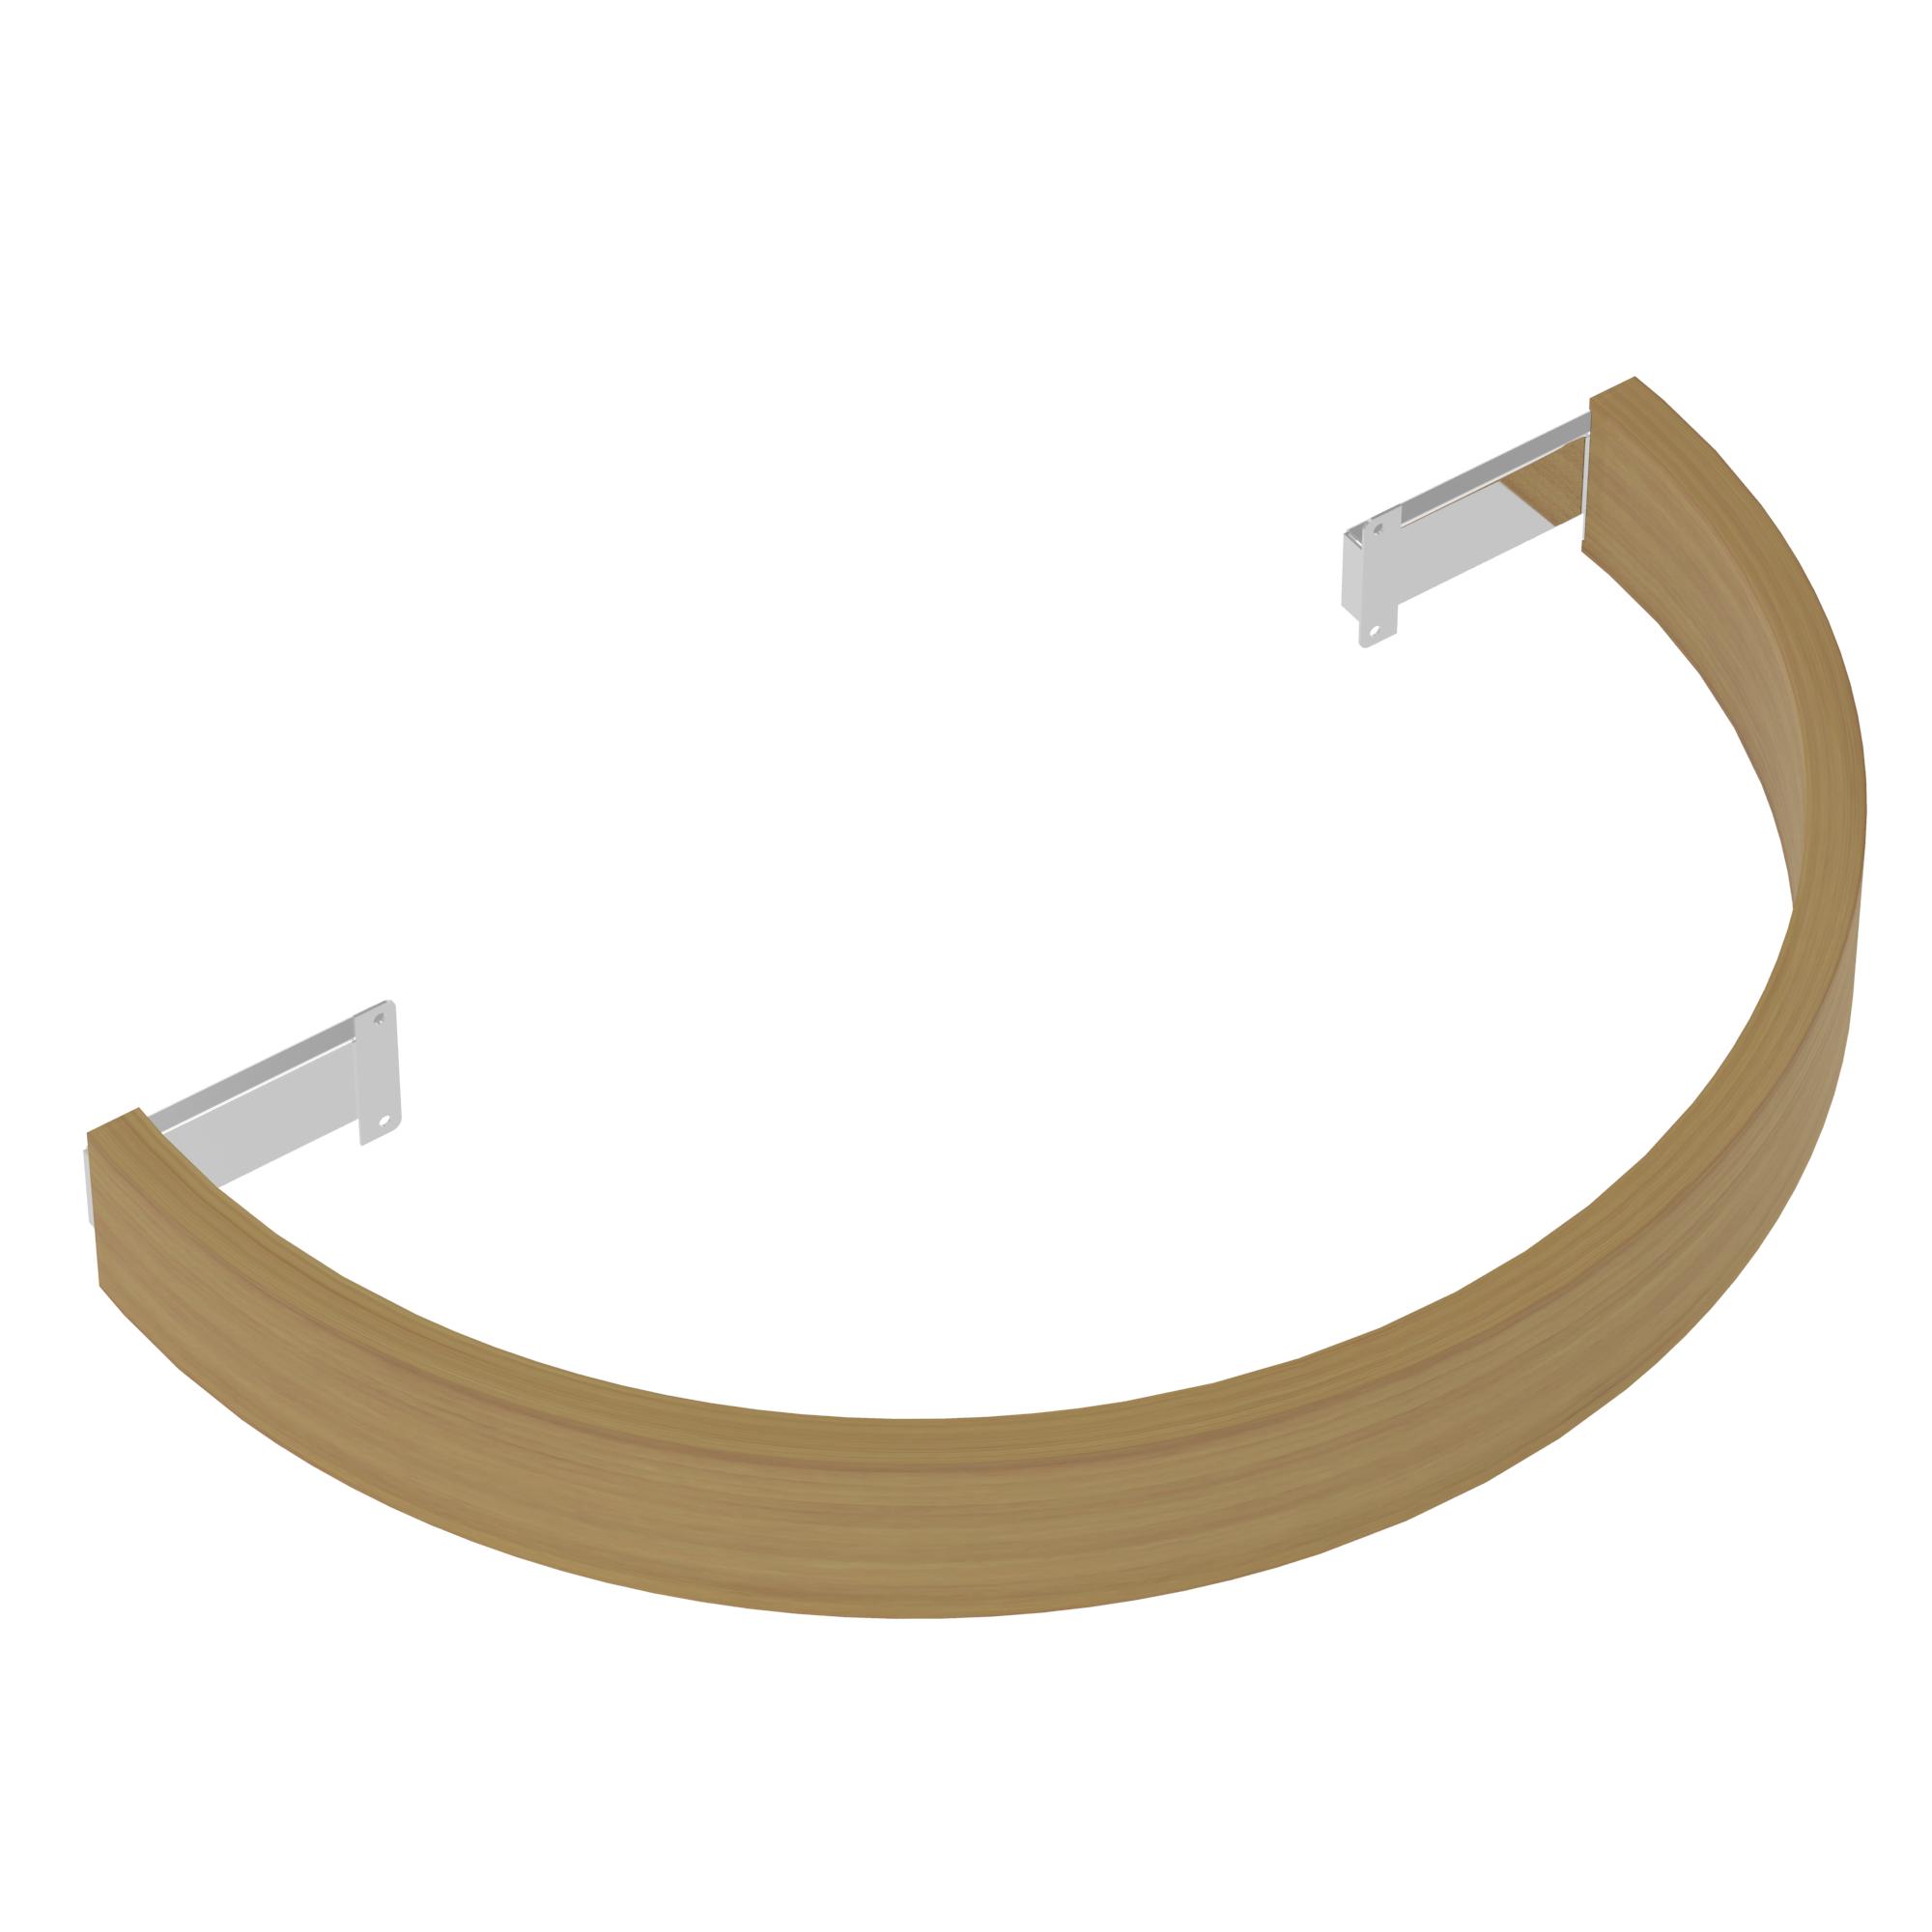 Ограждения и коврики: Деревянное ограждение SAWO TH-GUARD-W9-WL-D для печи TOWER TH6 (кедр)